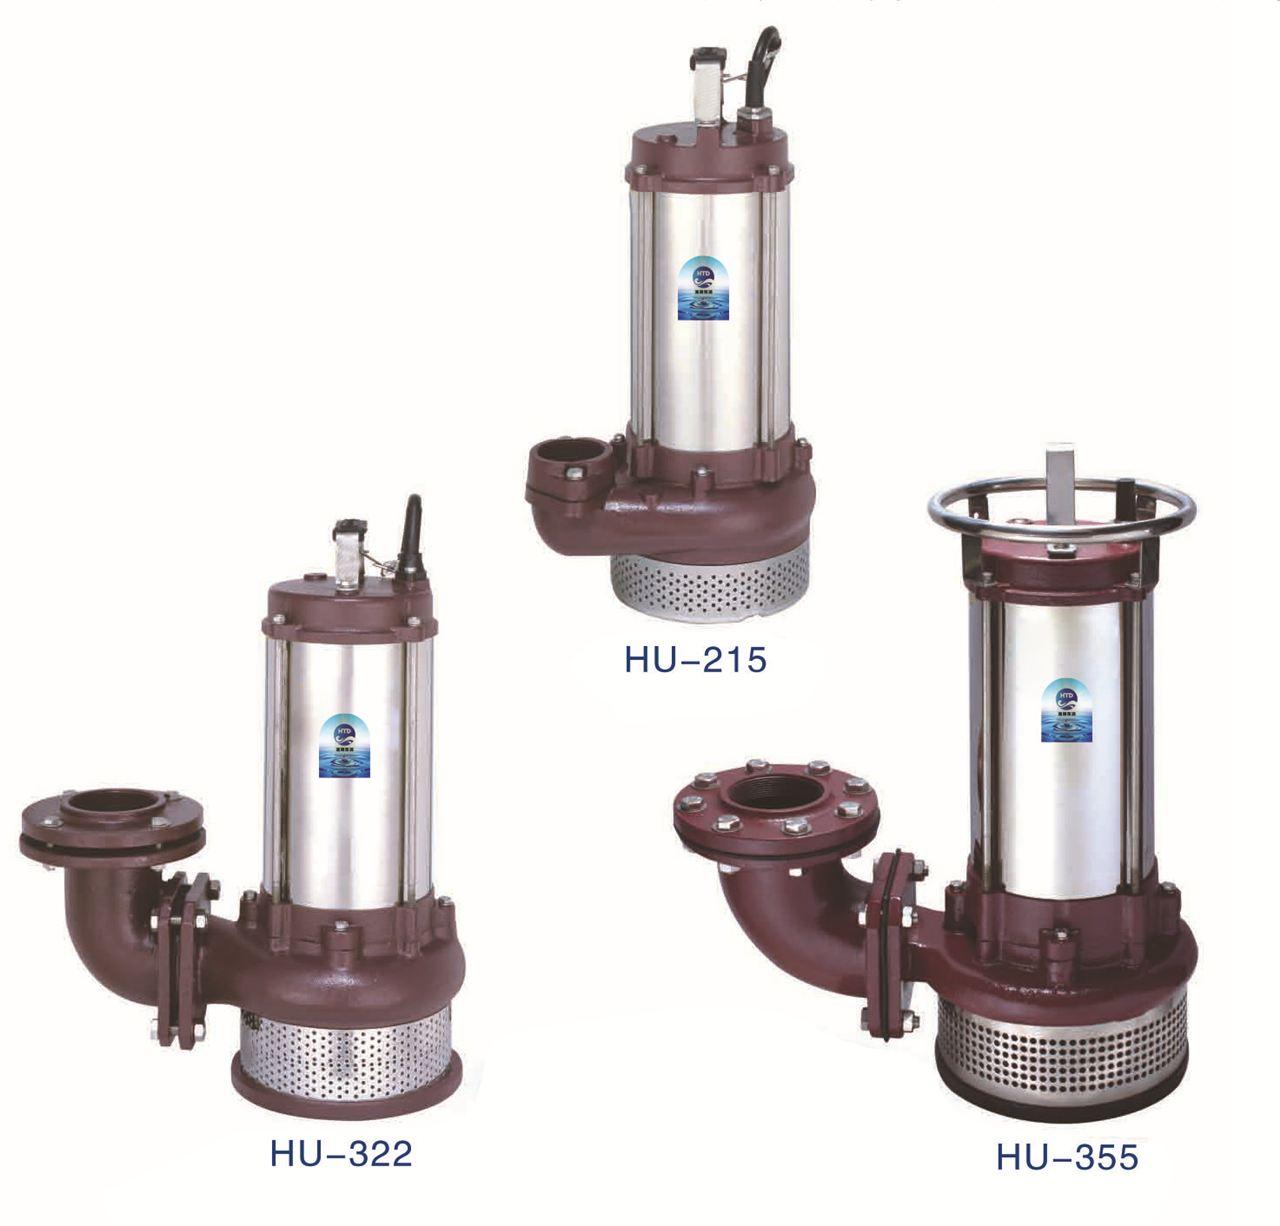 消防泵产业必将快速发展